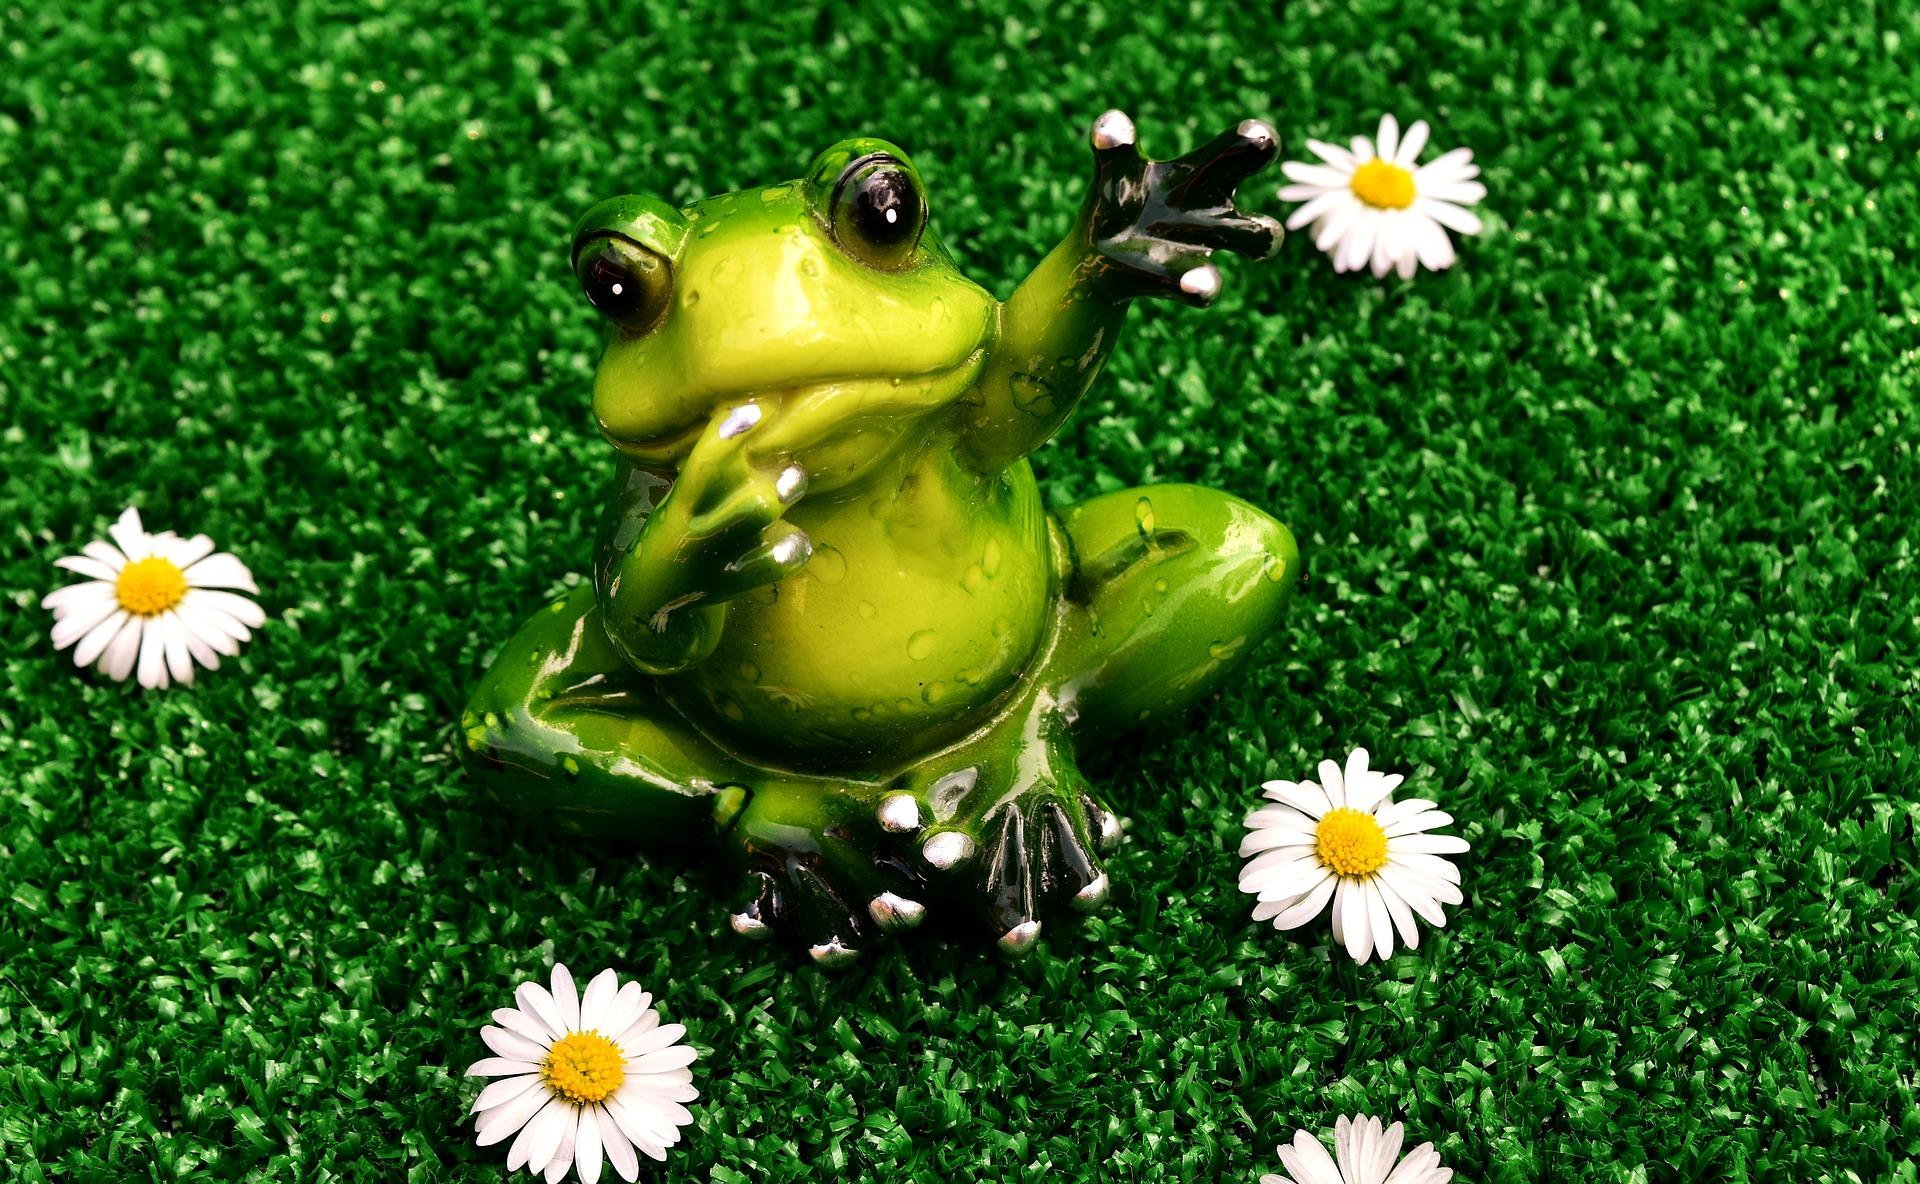 お別れの手を振るカエルの画像